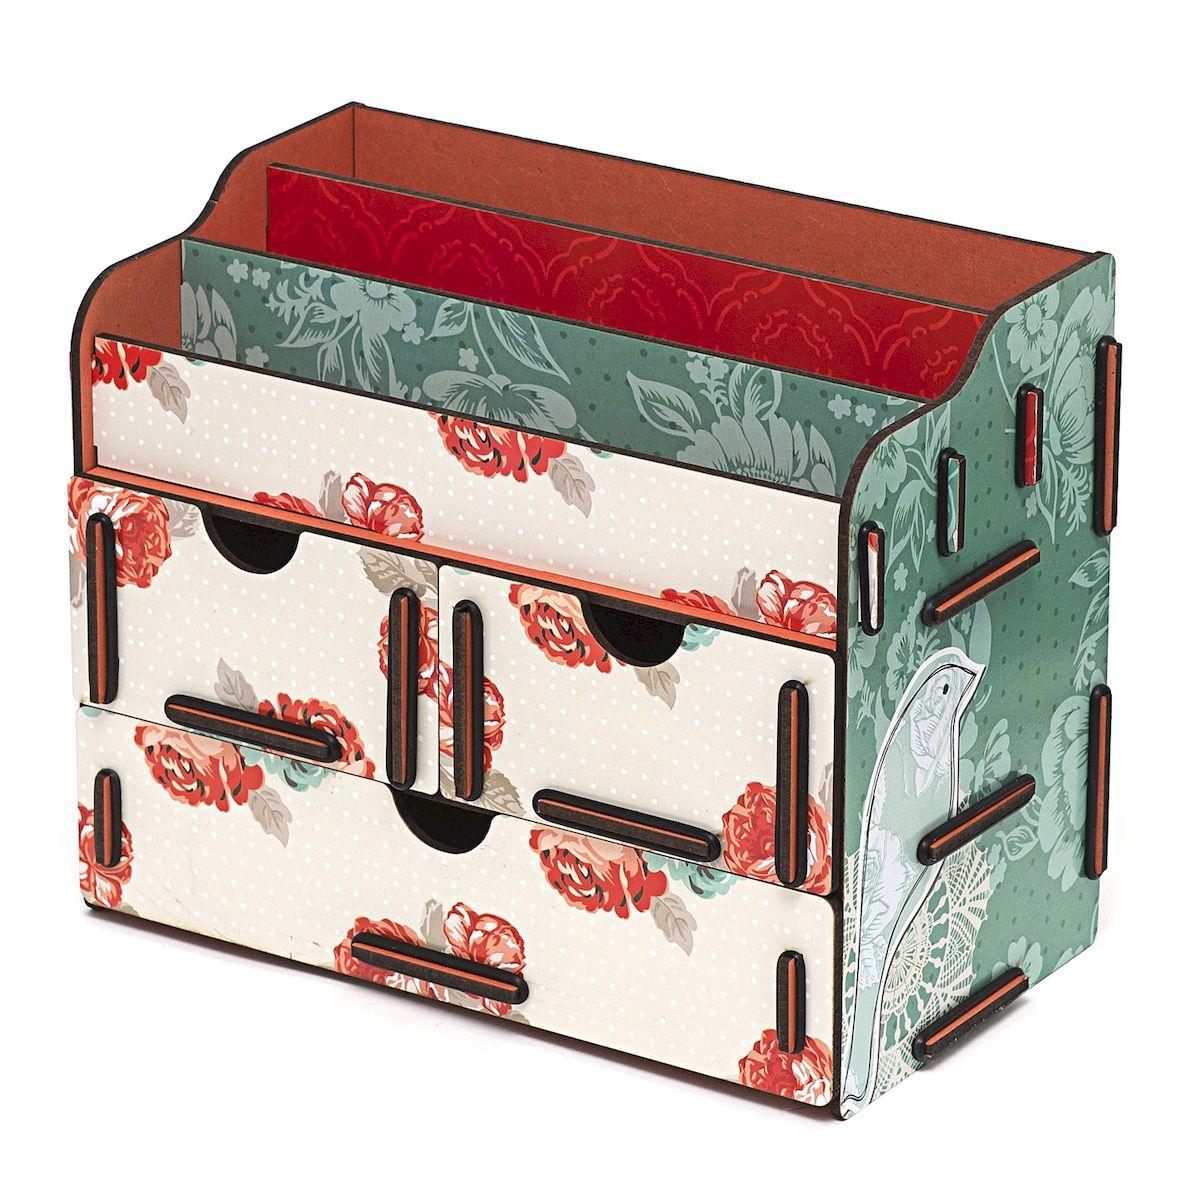 Органайзер для косметики и украшений Homsu Цветы, 24 x 14 x 19 смHOM-337Настольный органайзер Homsu Цветы выполнен из МДФ и собирается из съемных деталей. Изделие подходит для косметики и украшений. Органайзер имеет 3 выдвижных ящичка и 3 секции для хранения косметики, парфюмерии и аксессуаров, его можно поставить на столе, он станет отличным дополнением интерьера. Изделие позволяет разместить все самое необходимое для женщины и всегда иметь это под рукой. Размер малого ящика: 11 х 14,5 см.Размер большого ящика: 22 х 14,5 см.